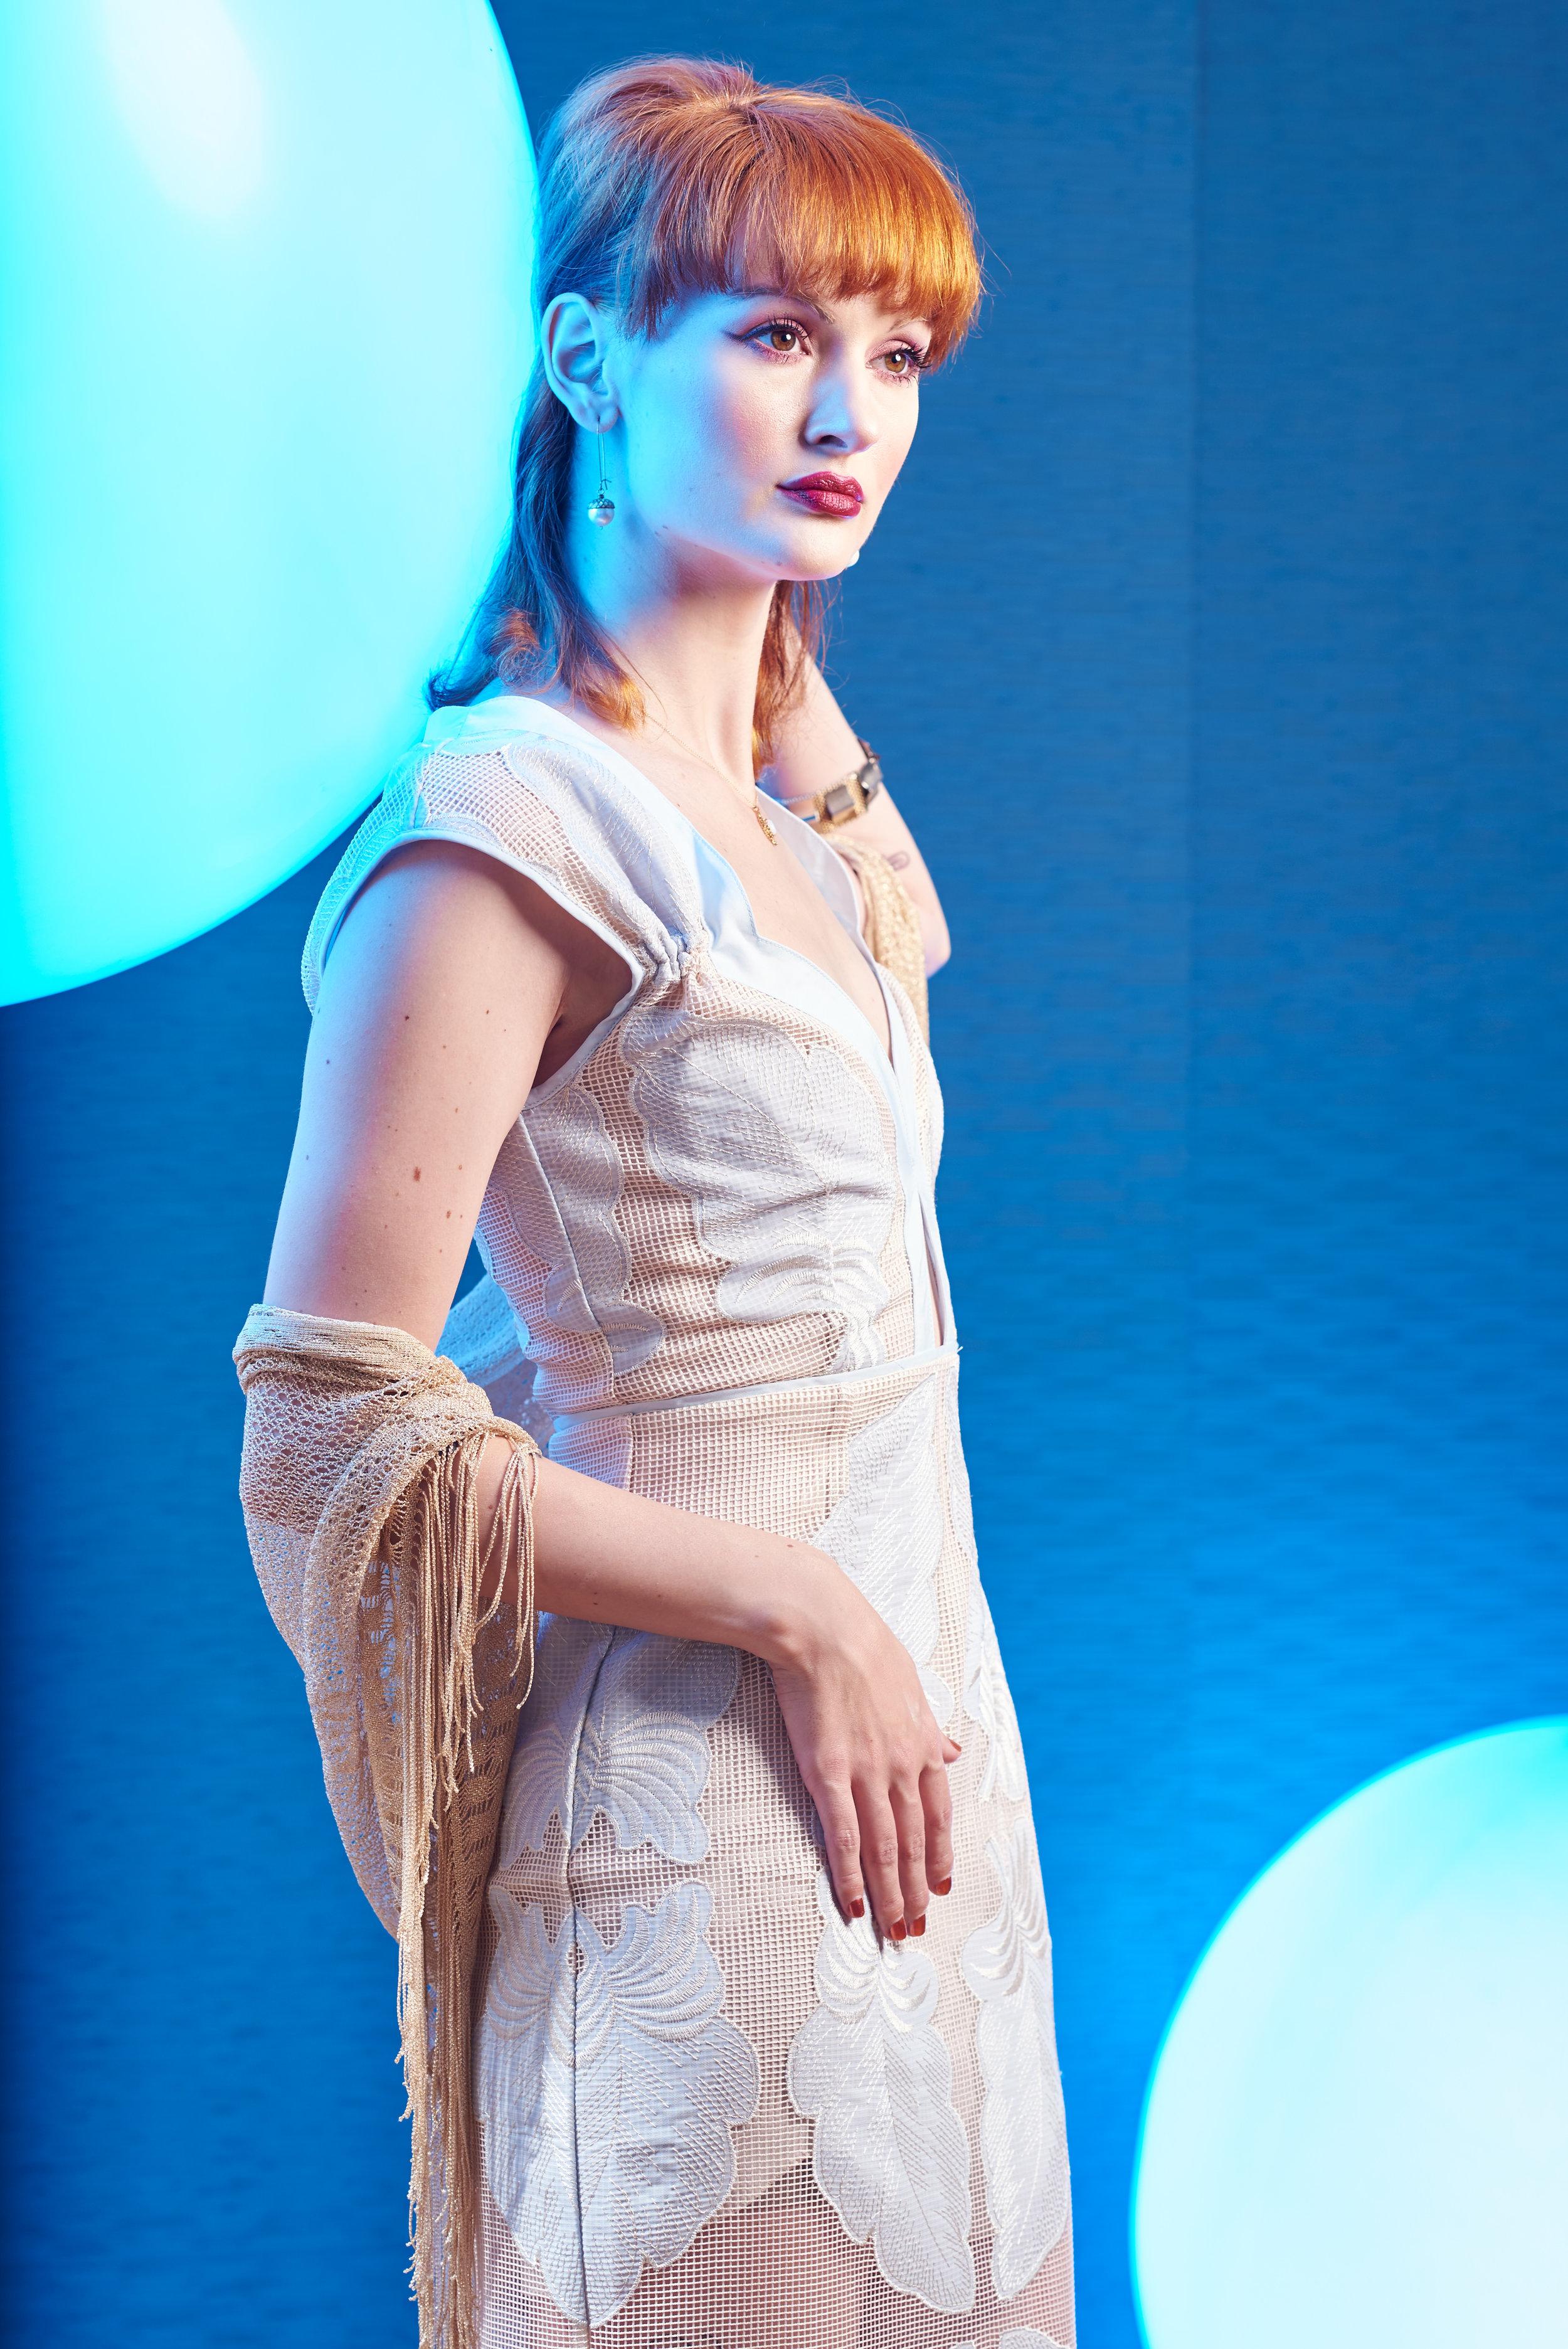 Marta-Hewson-Blue-43718.jpg